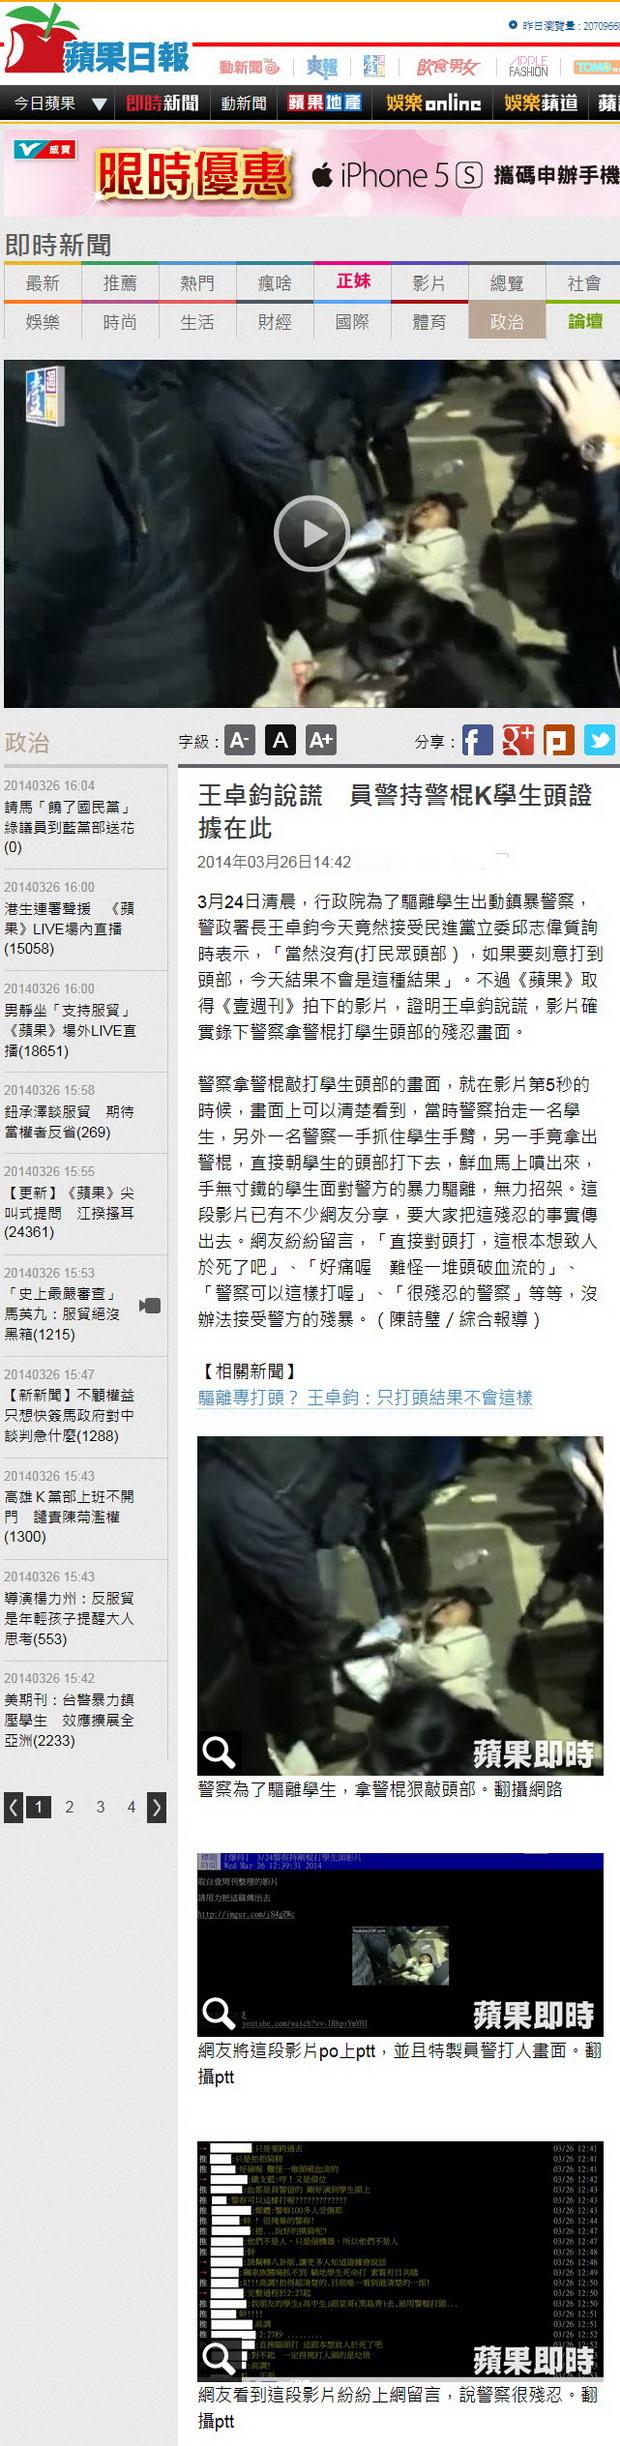 王卓鈞說謊 員警持警棍K學生頭證據在此-2014.03.26.jpg